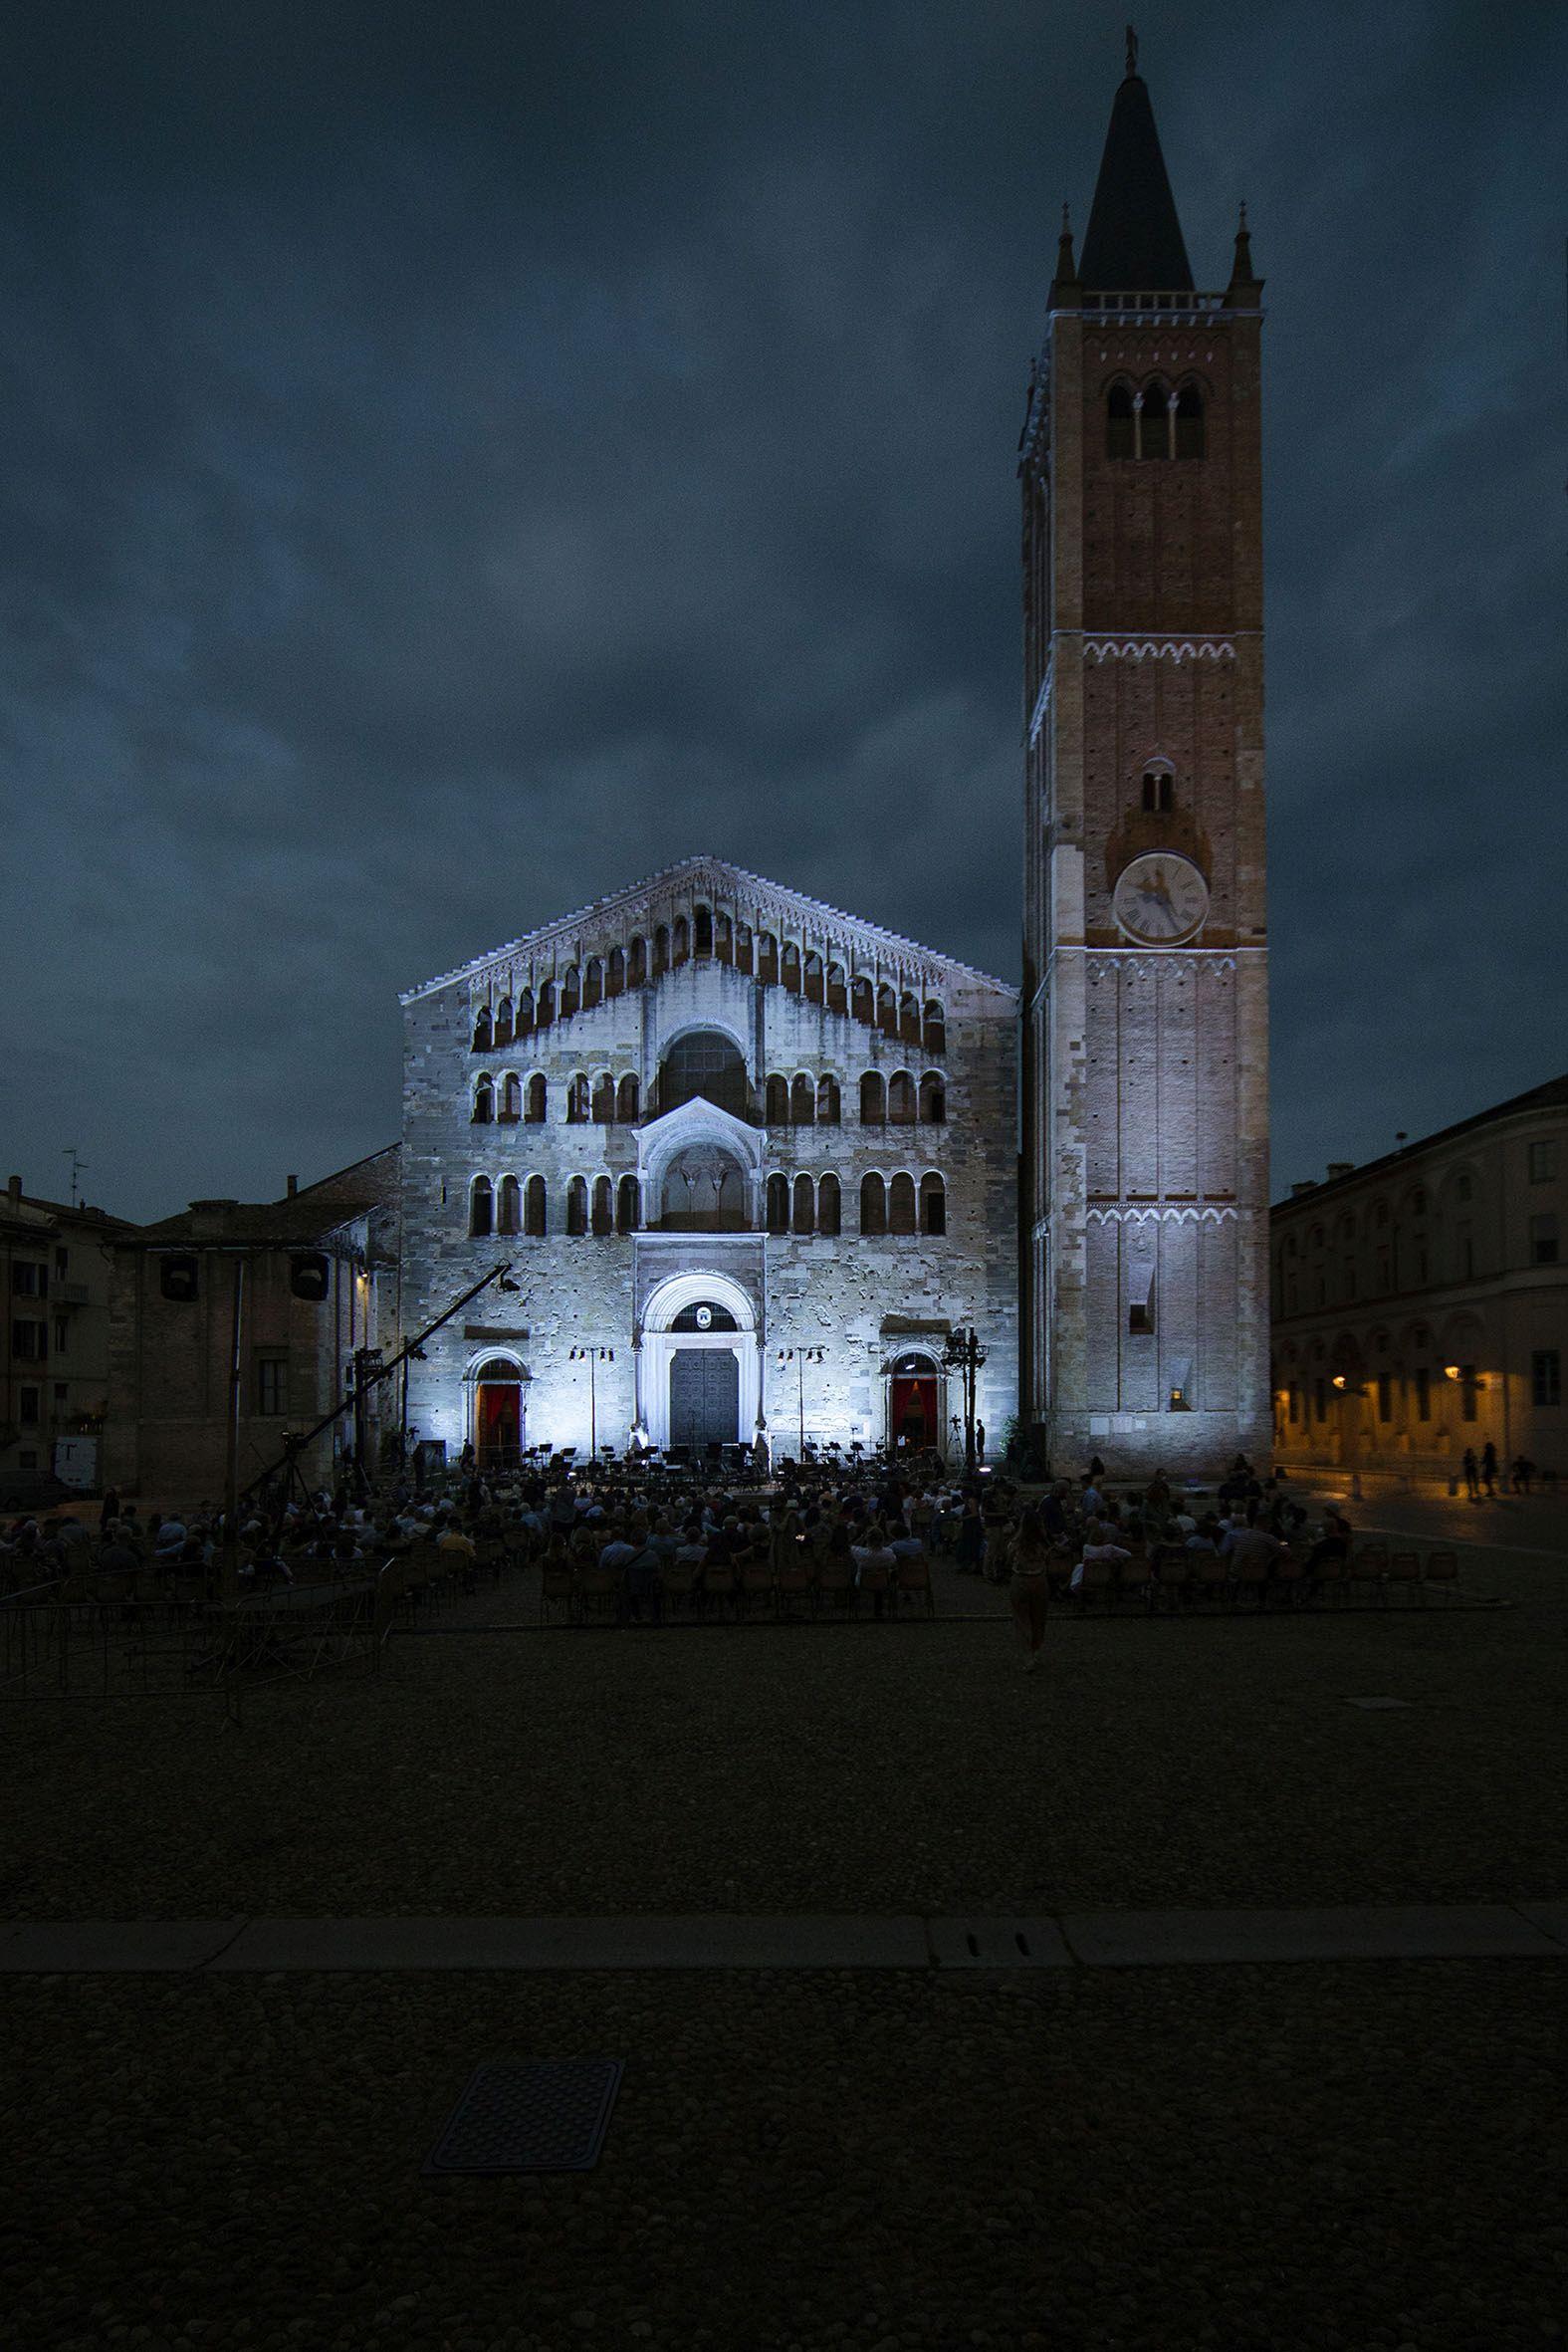 Festival Toscanini: concerto in piazza Duomo a Parma del 17 giugno 2021